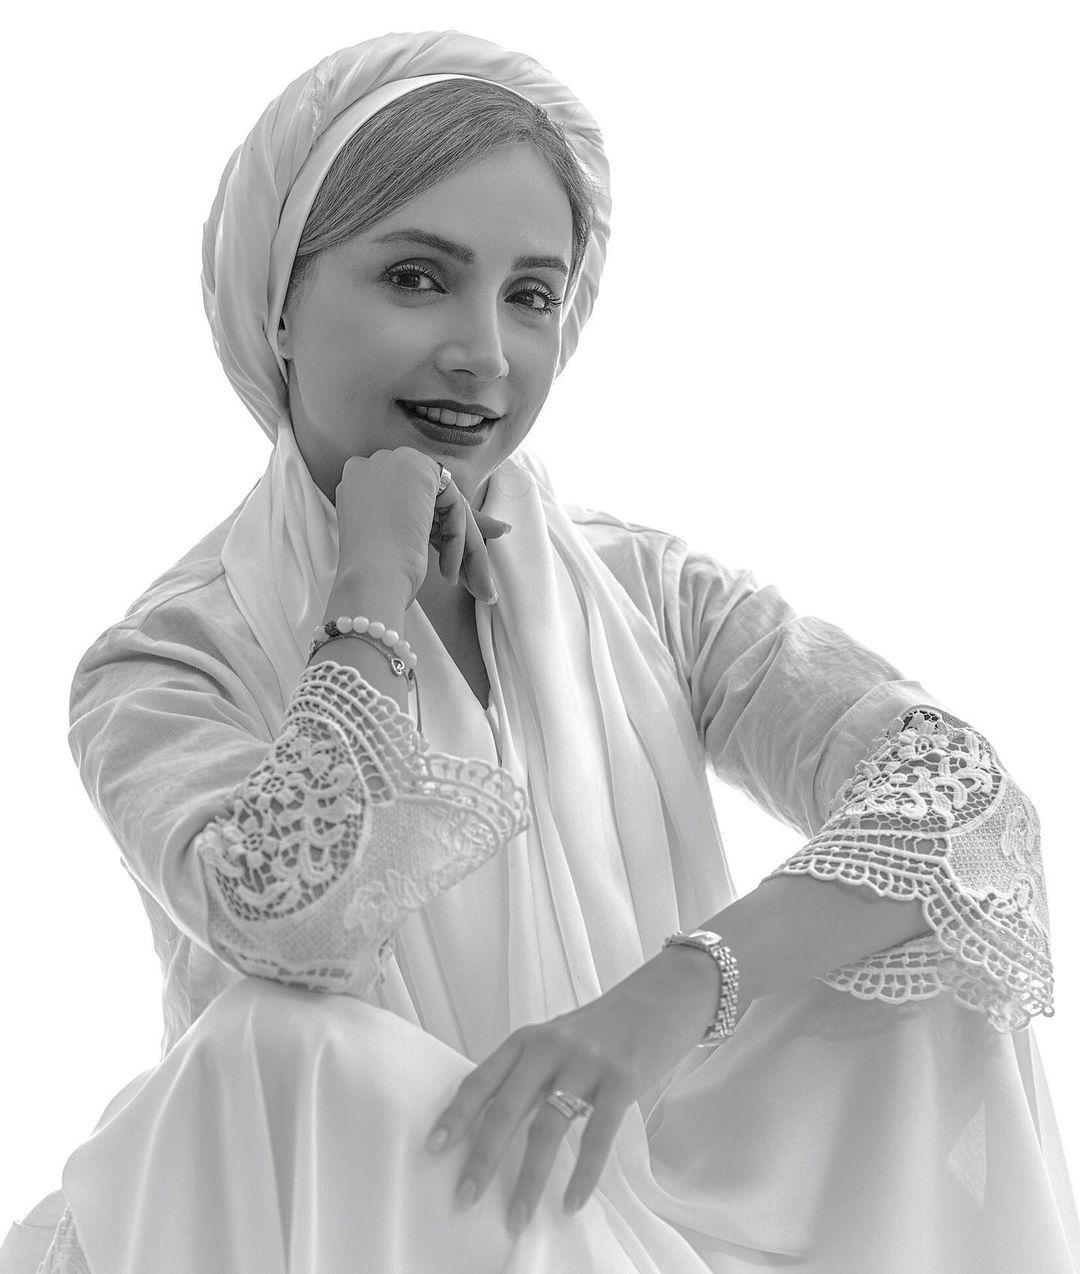 shabnamgholikhani_91790048_627429181438465_3397890125157581298_n